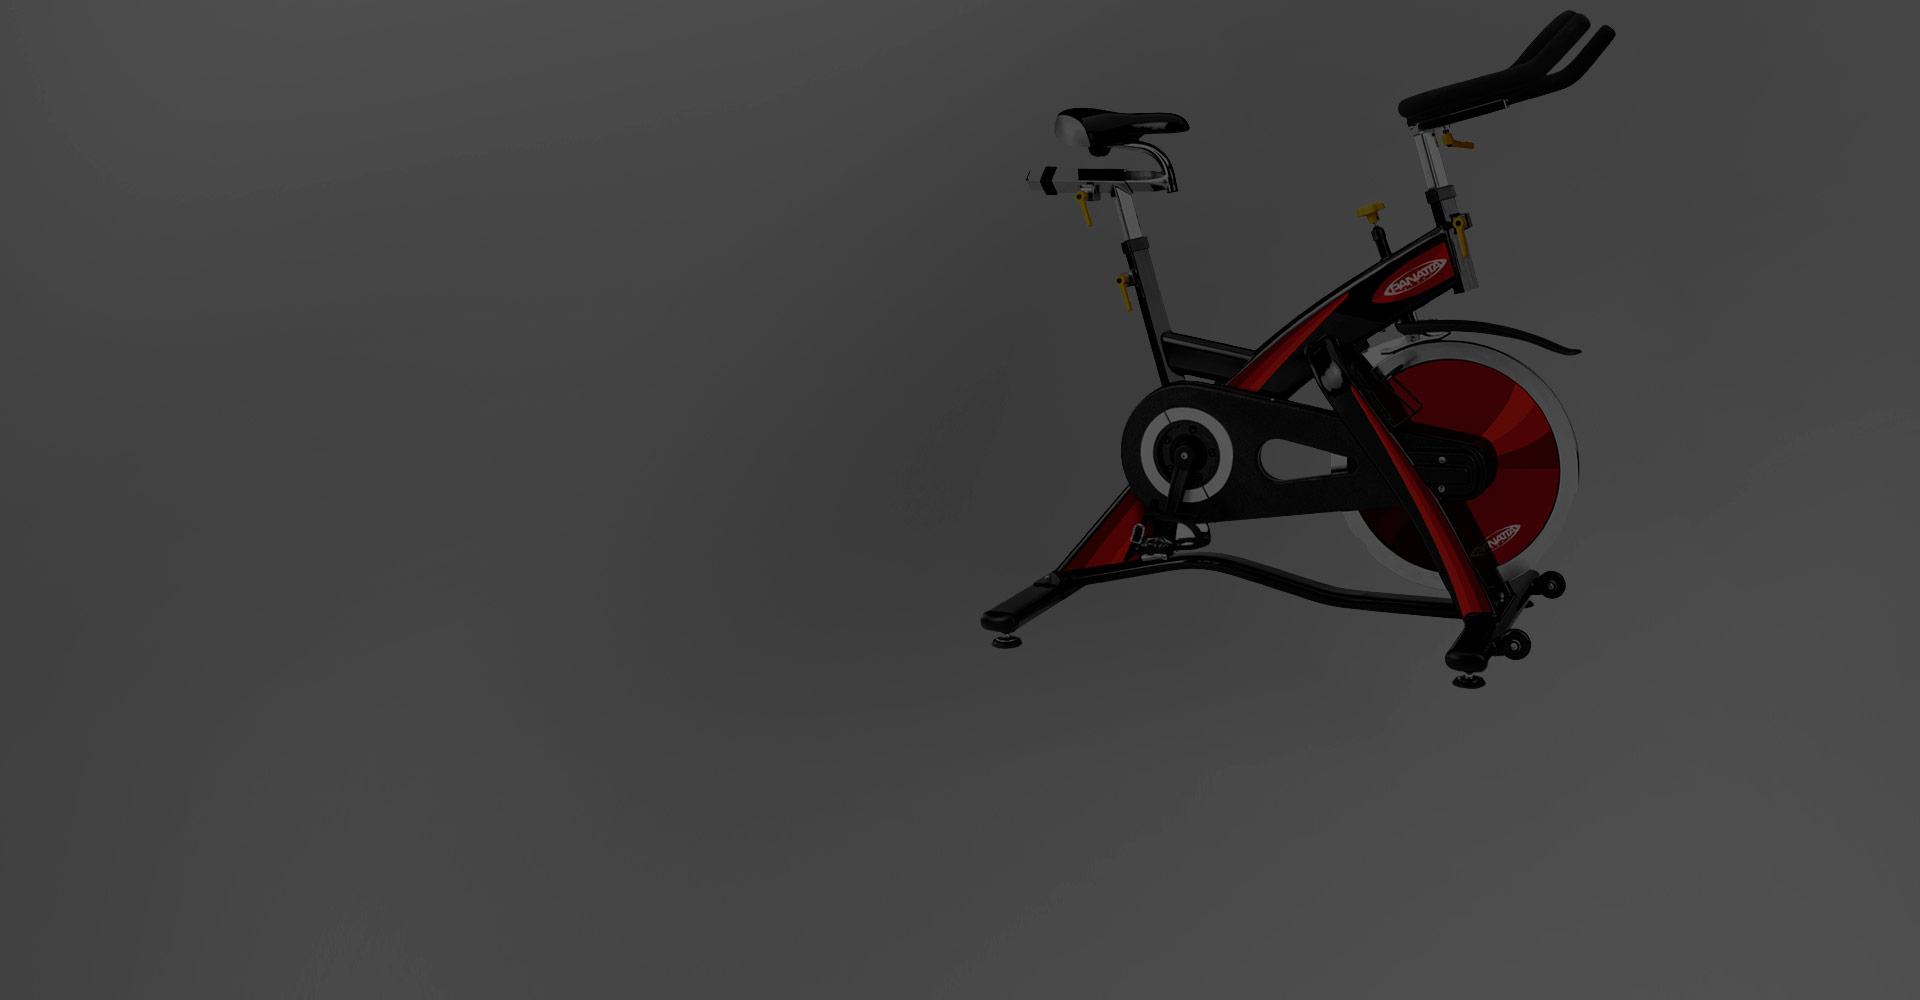 Star Bike Evolution - Panatta